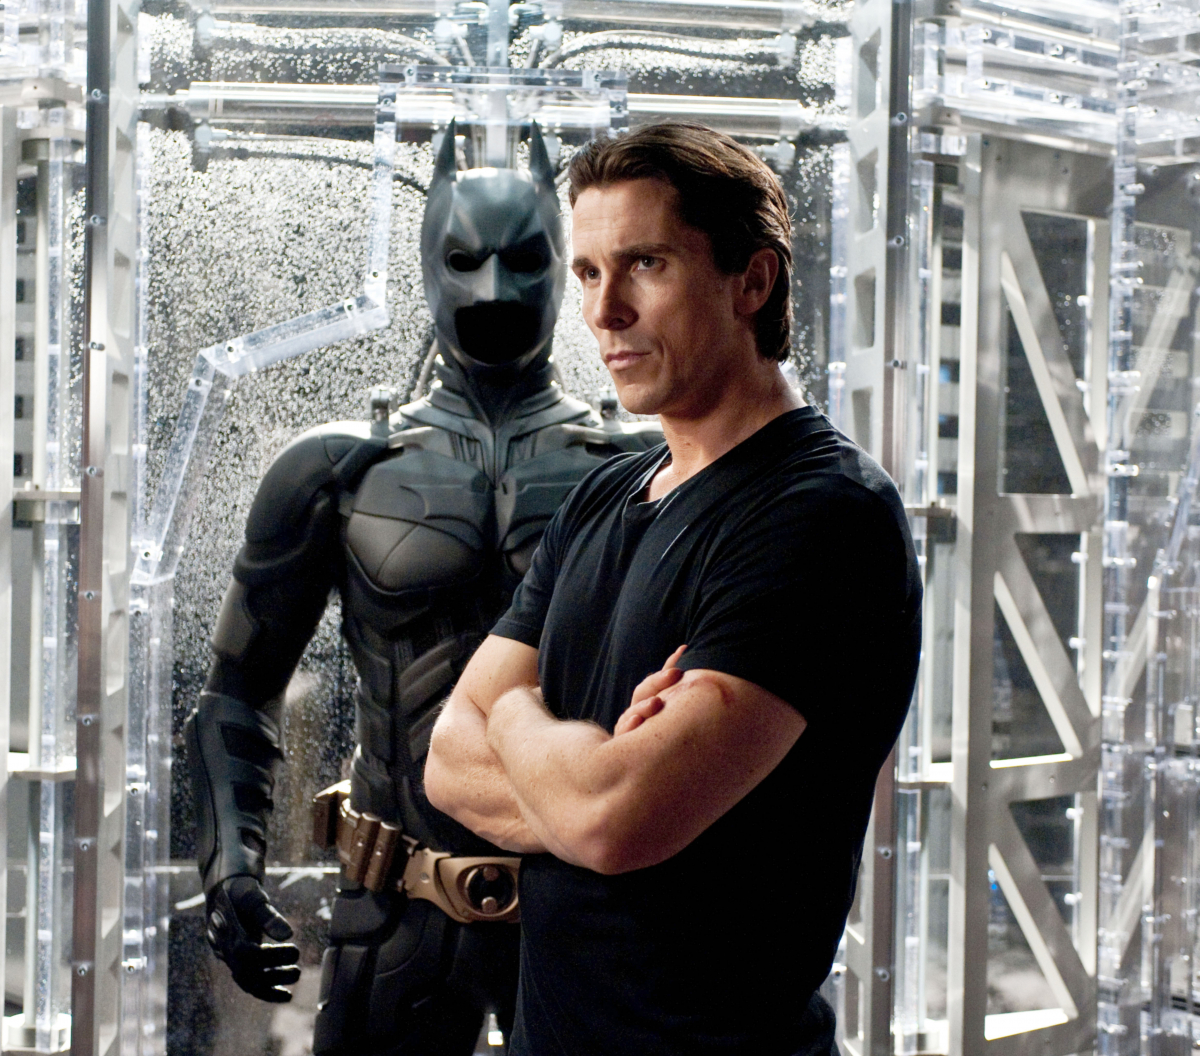 『バットマン』シリーズで主役に抜擢されたクリスチャン・ベール(45)。他作品の役づくりで30キロも体重を落としていたクリスチャンは、筋トレとともに半年間で45キロも体重を増やしたという。強靭な肉体で臨んだヒーロー役は、今も「歴代で一番」と高評価!